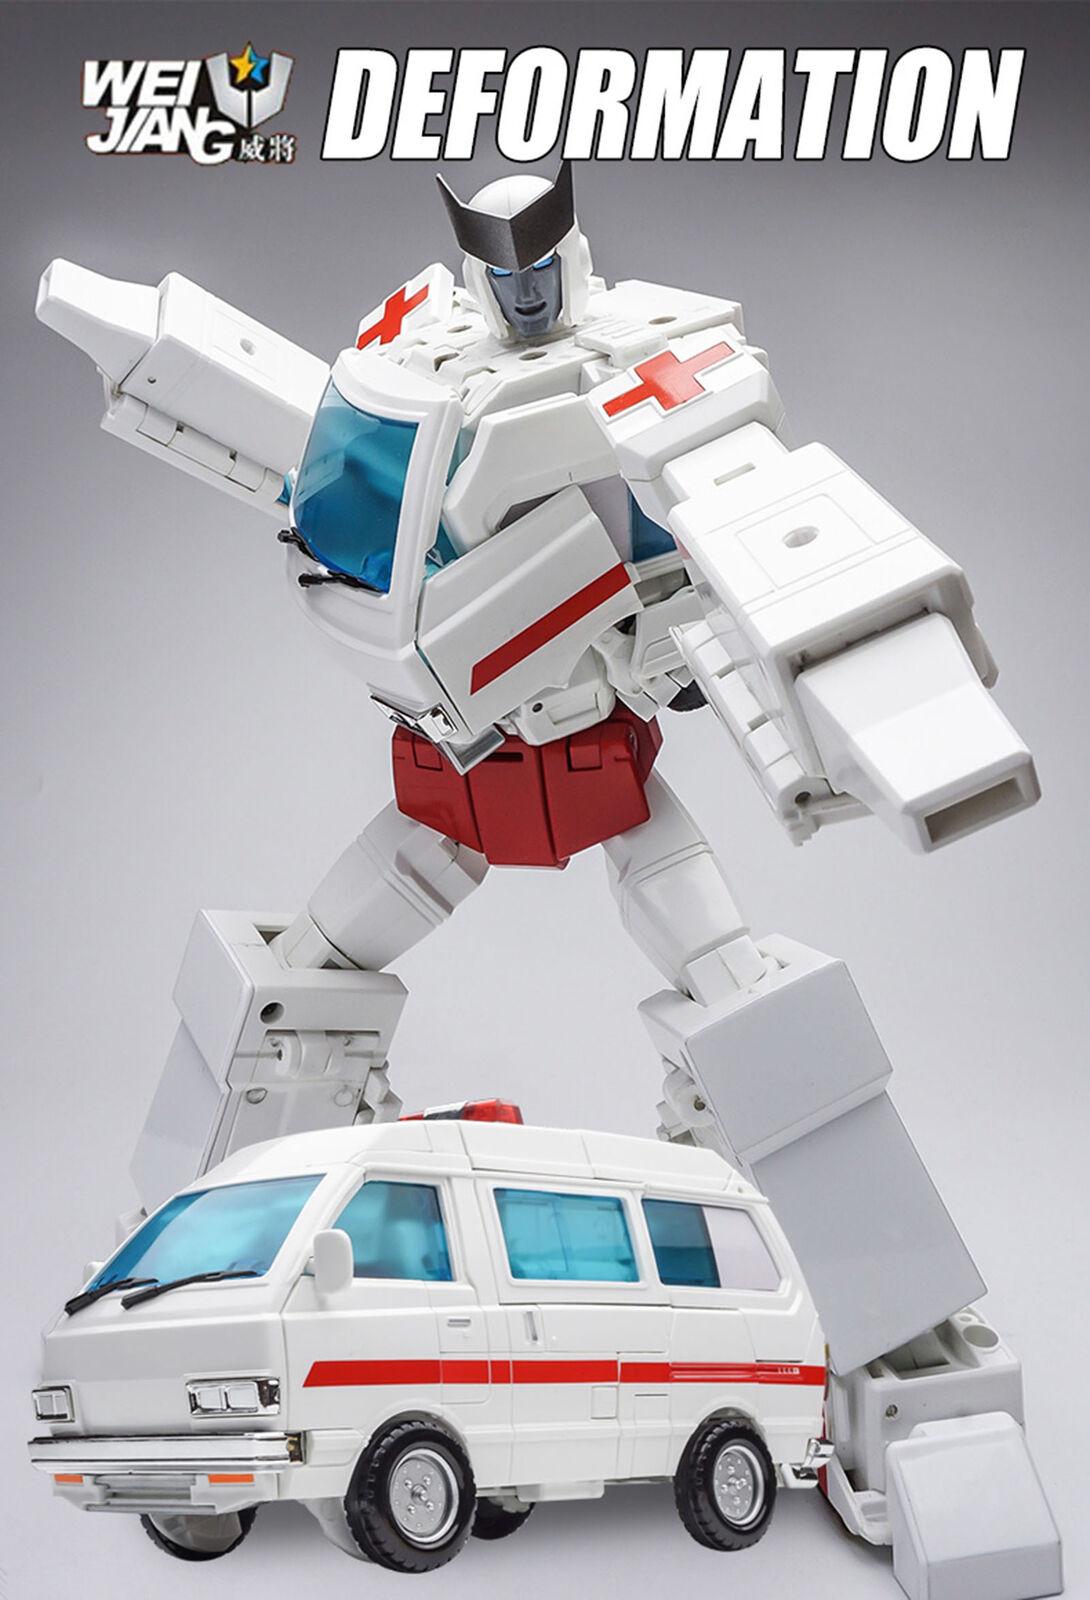 Transformers WJ WEIJIANG MPP30 Robot Force STEEL GUARD Collection Geschenk